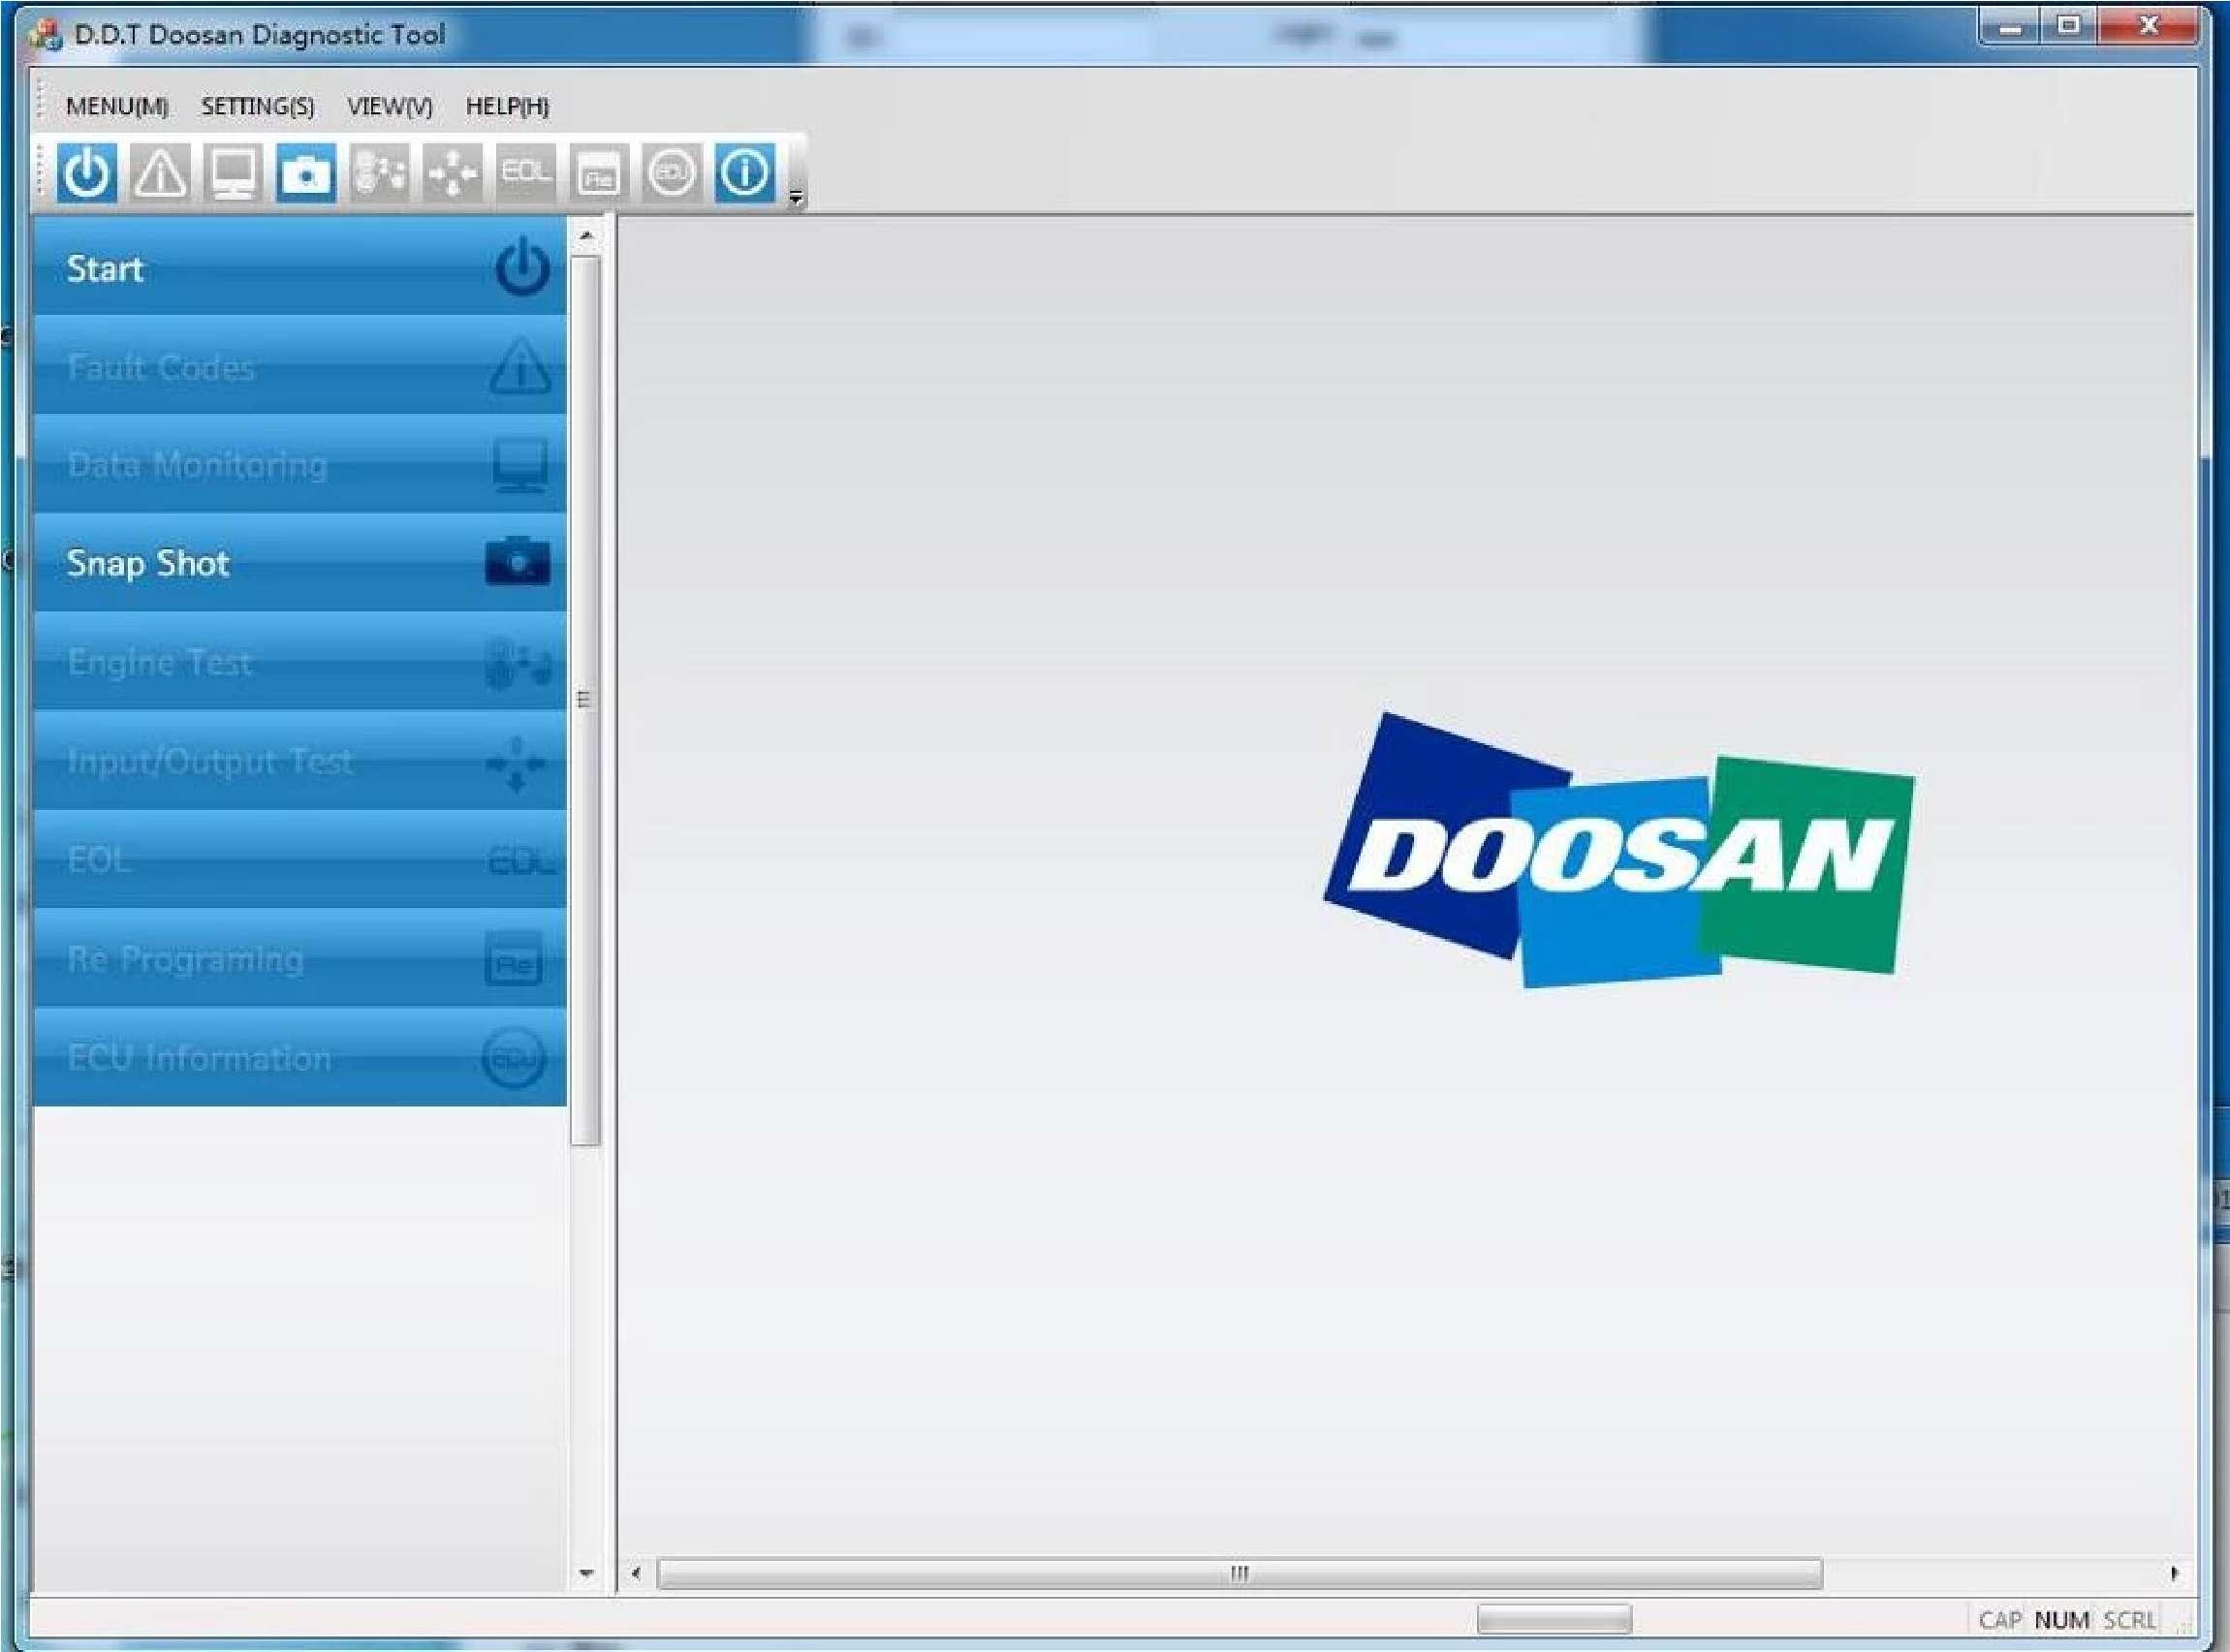 Doosan Diagnostic Tool (DDT) SS-01